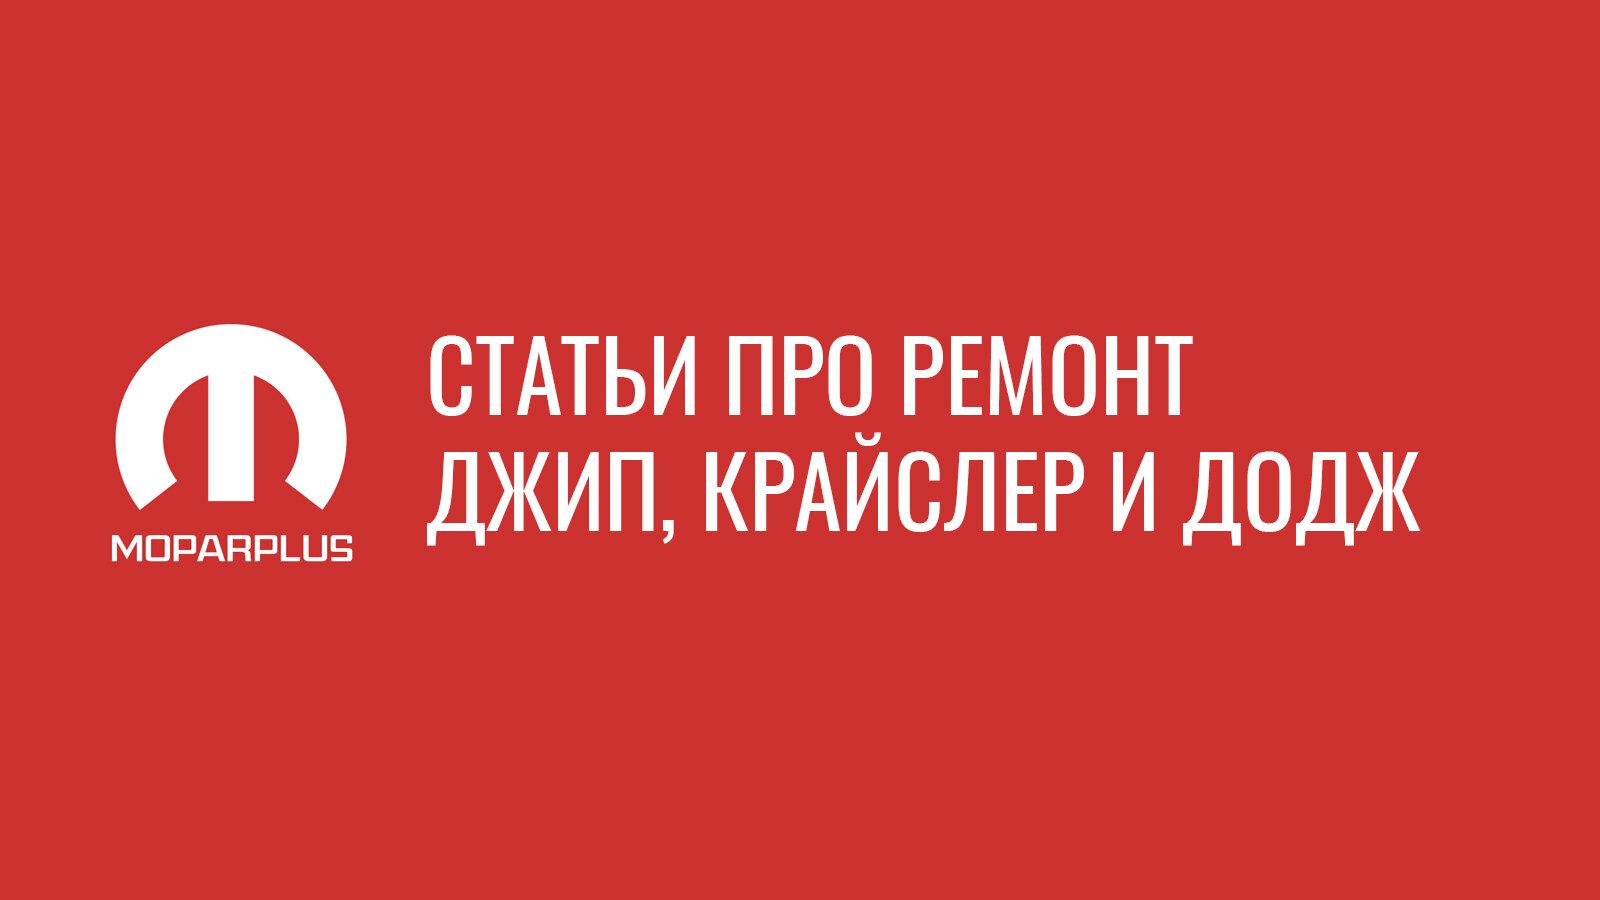 Cтатьи про ремонт. Выпуск №83.